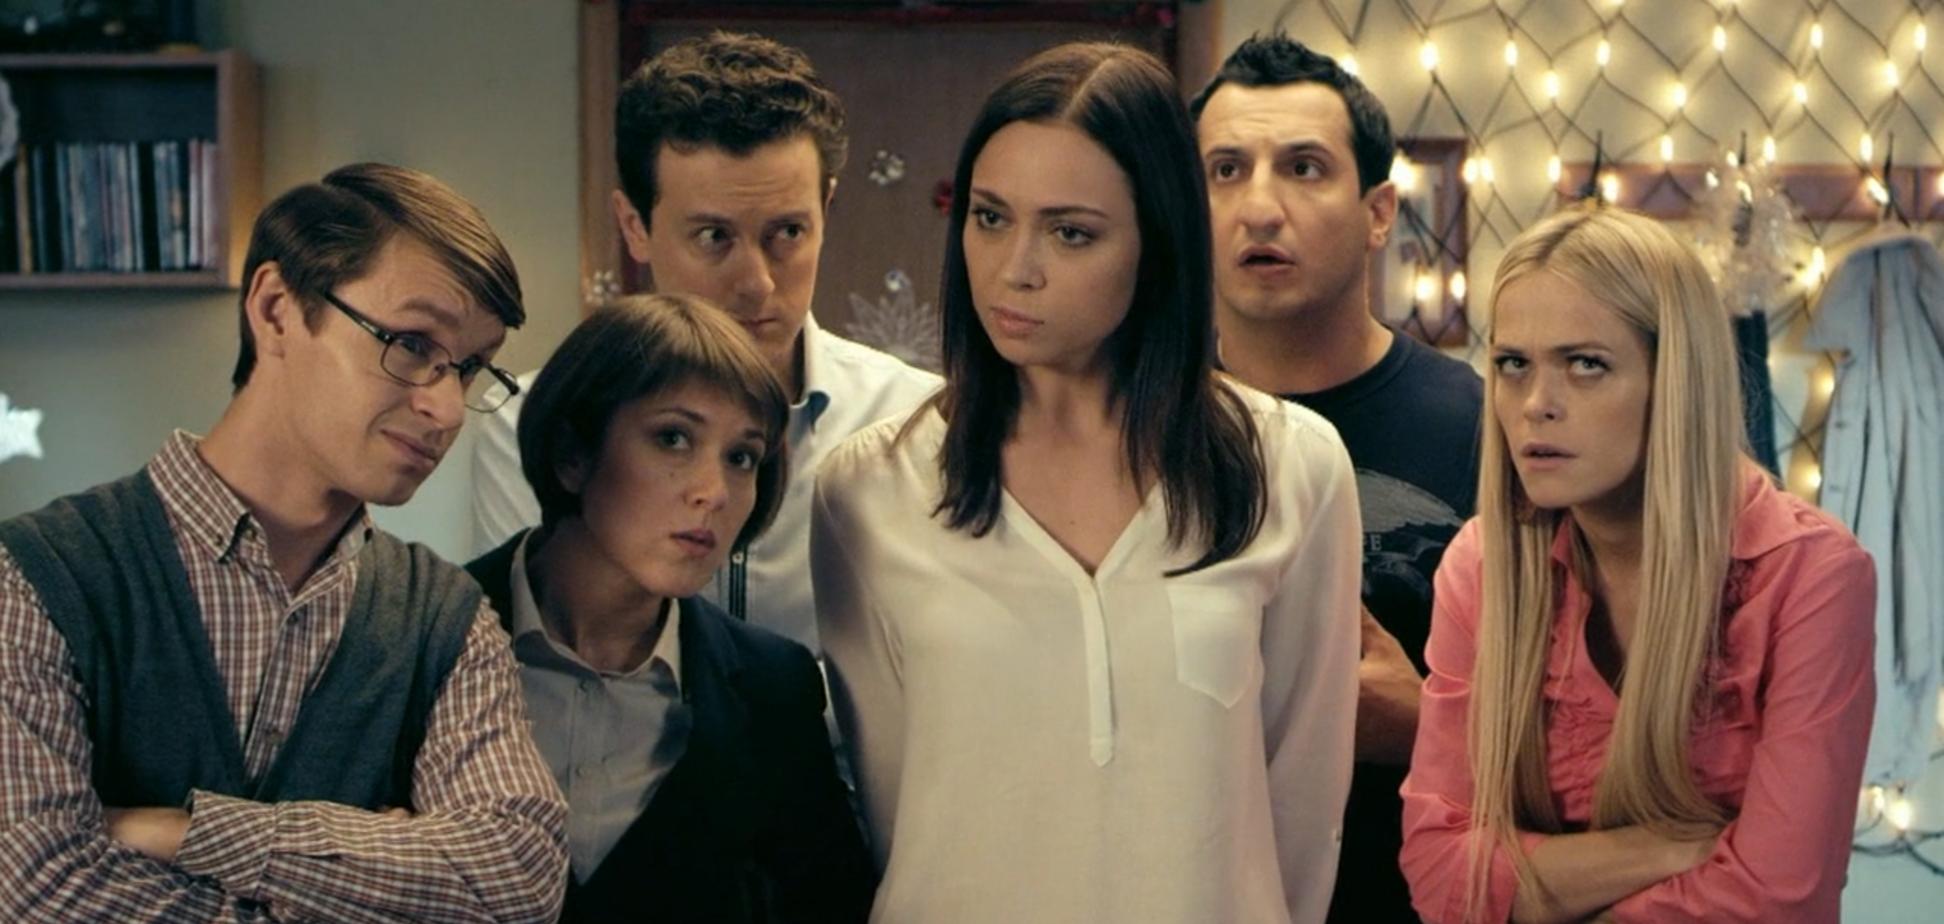 Стартовали съемки продолжения 'Универа': кто из актеров вернется в сериал